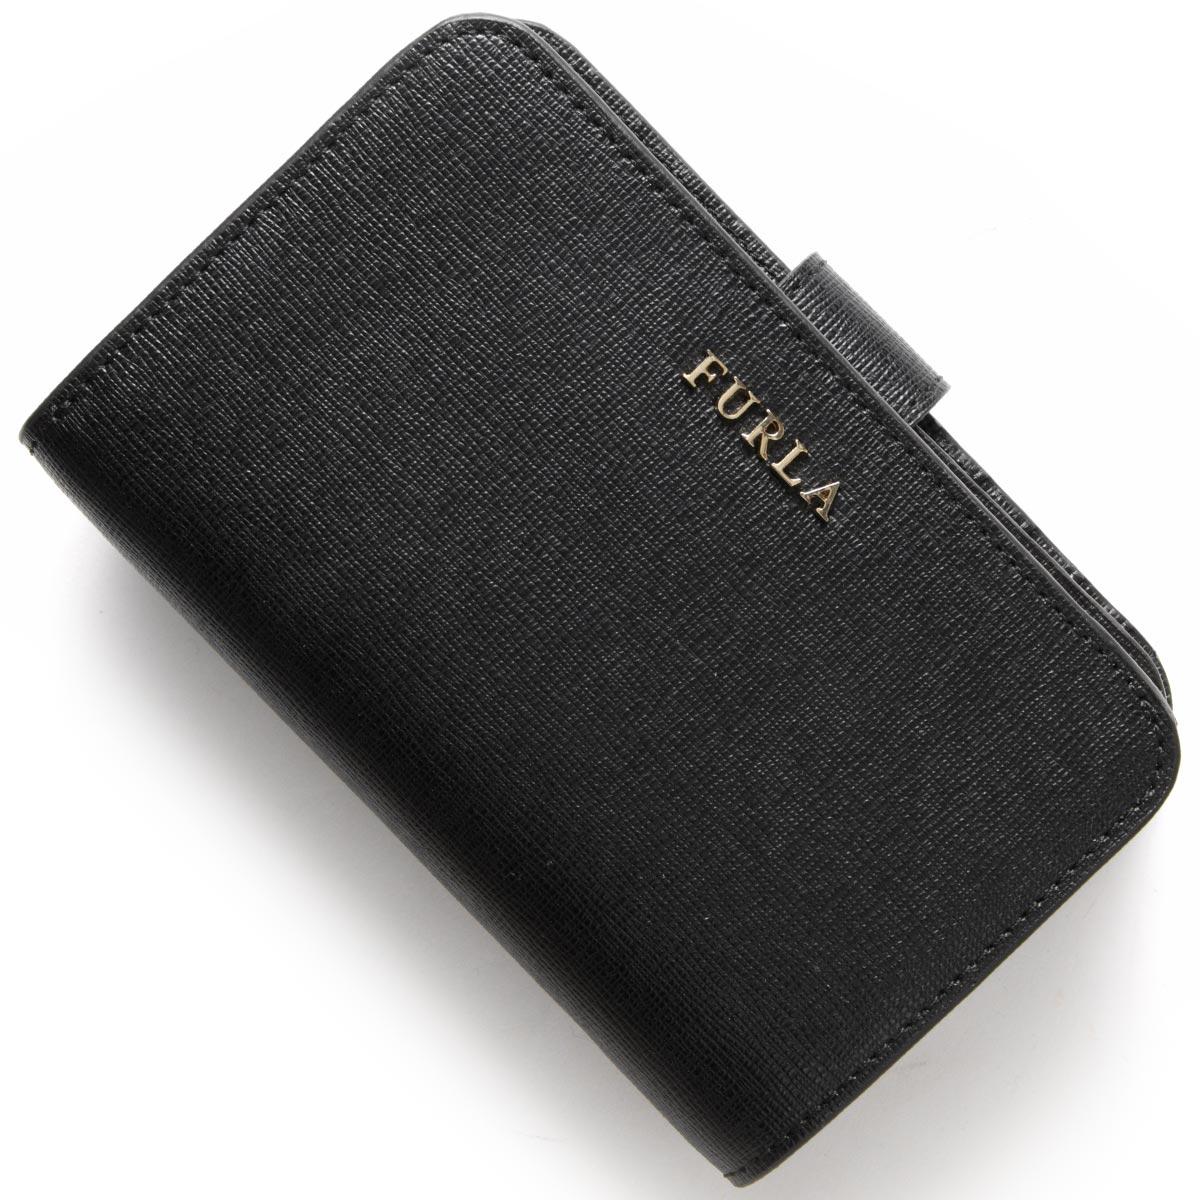 フルラ 二つ折り財布 財布 レディース バビロン ブラック PR85 B30 O60 FURLA